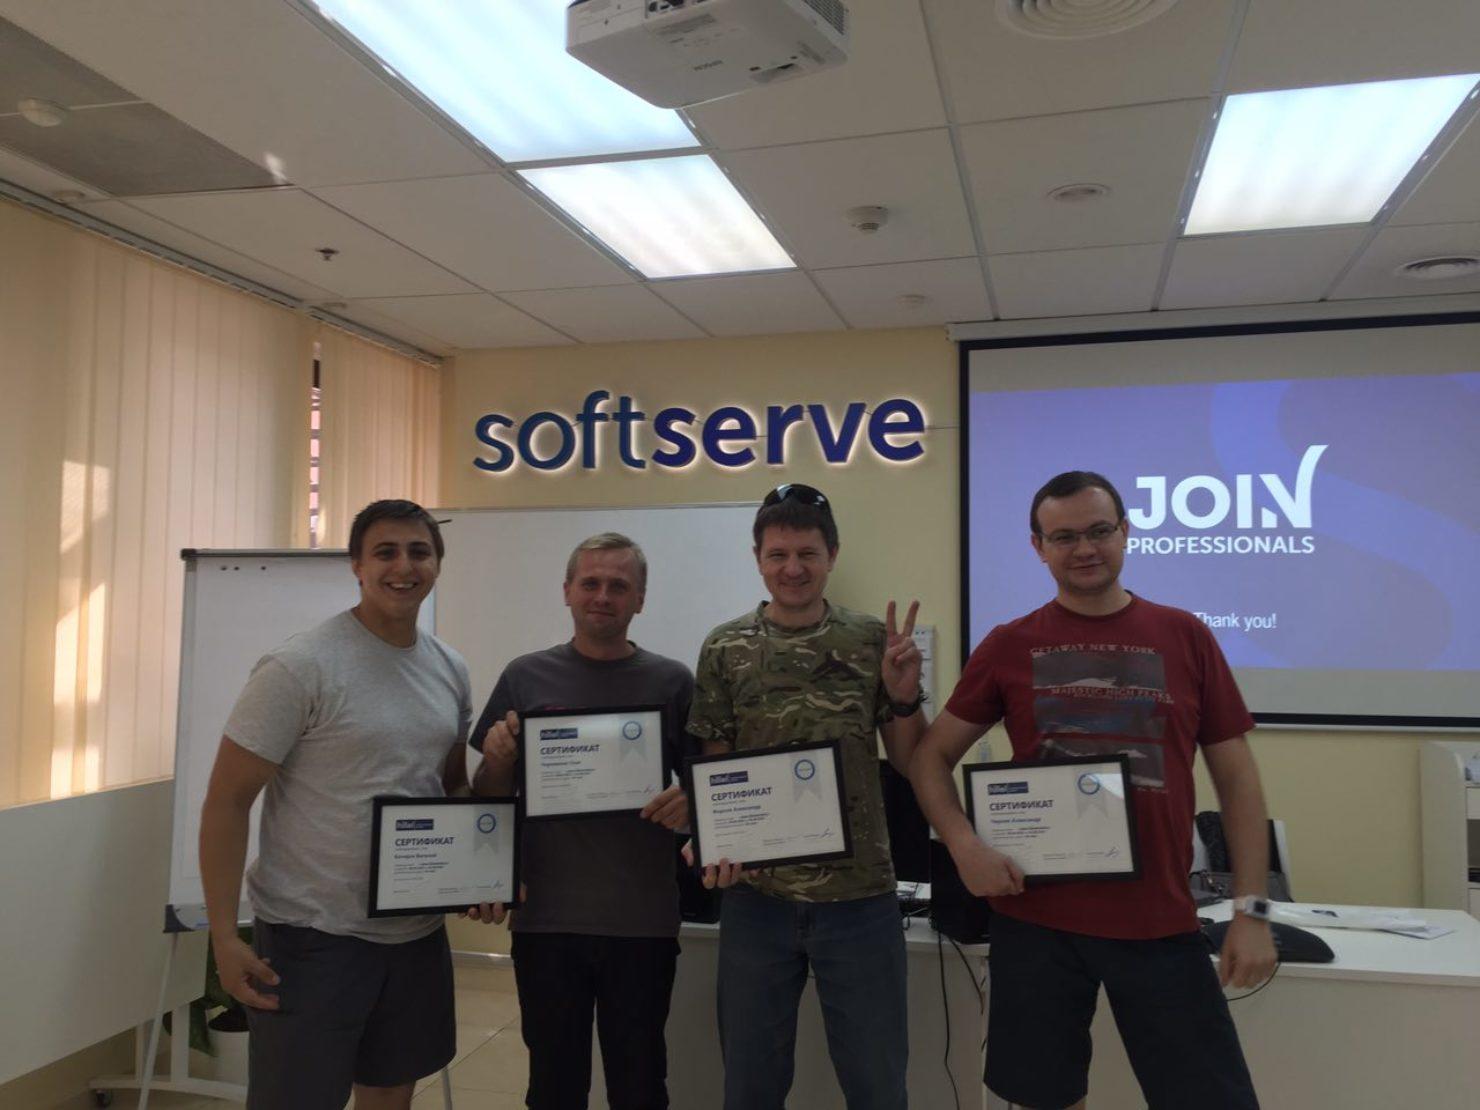 Новости школы: Позитивный софт. Выпускной курсов Project Management, Java и Front-End Basic в Киеве.